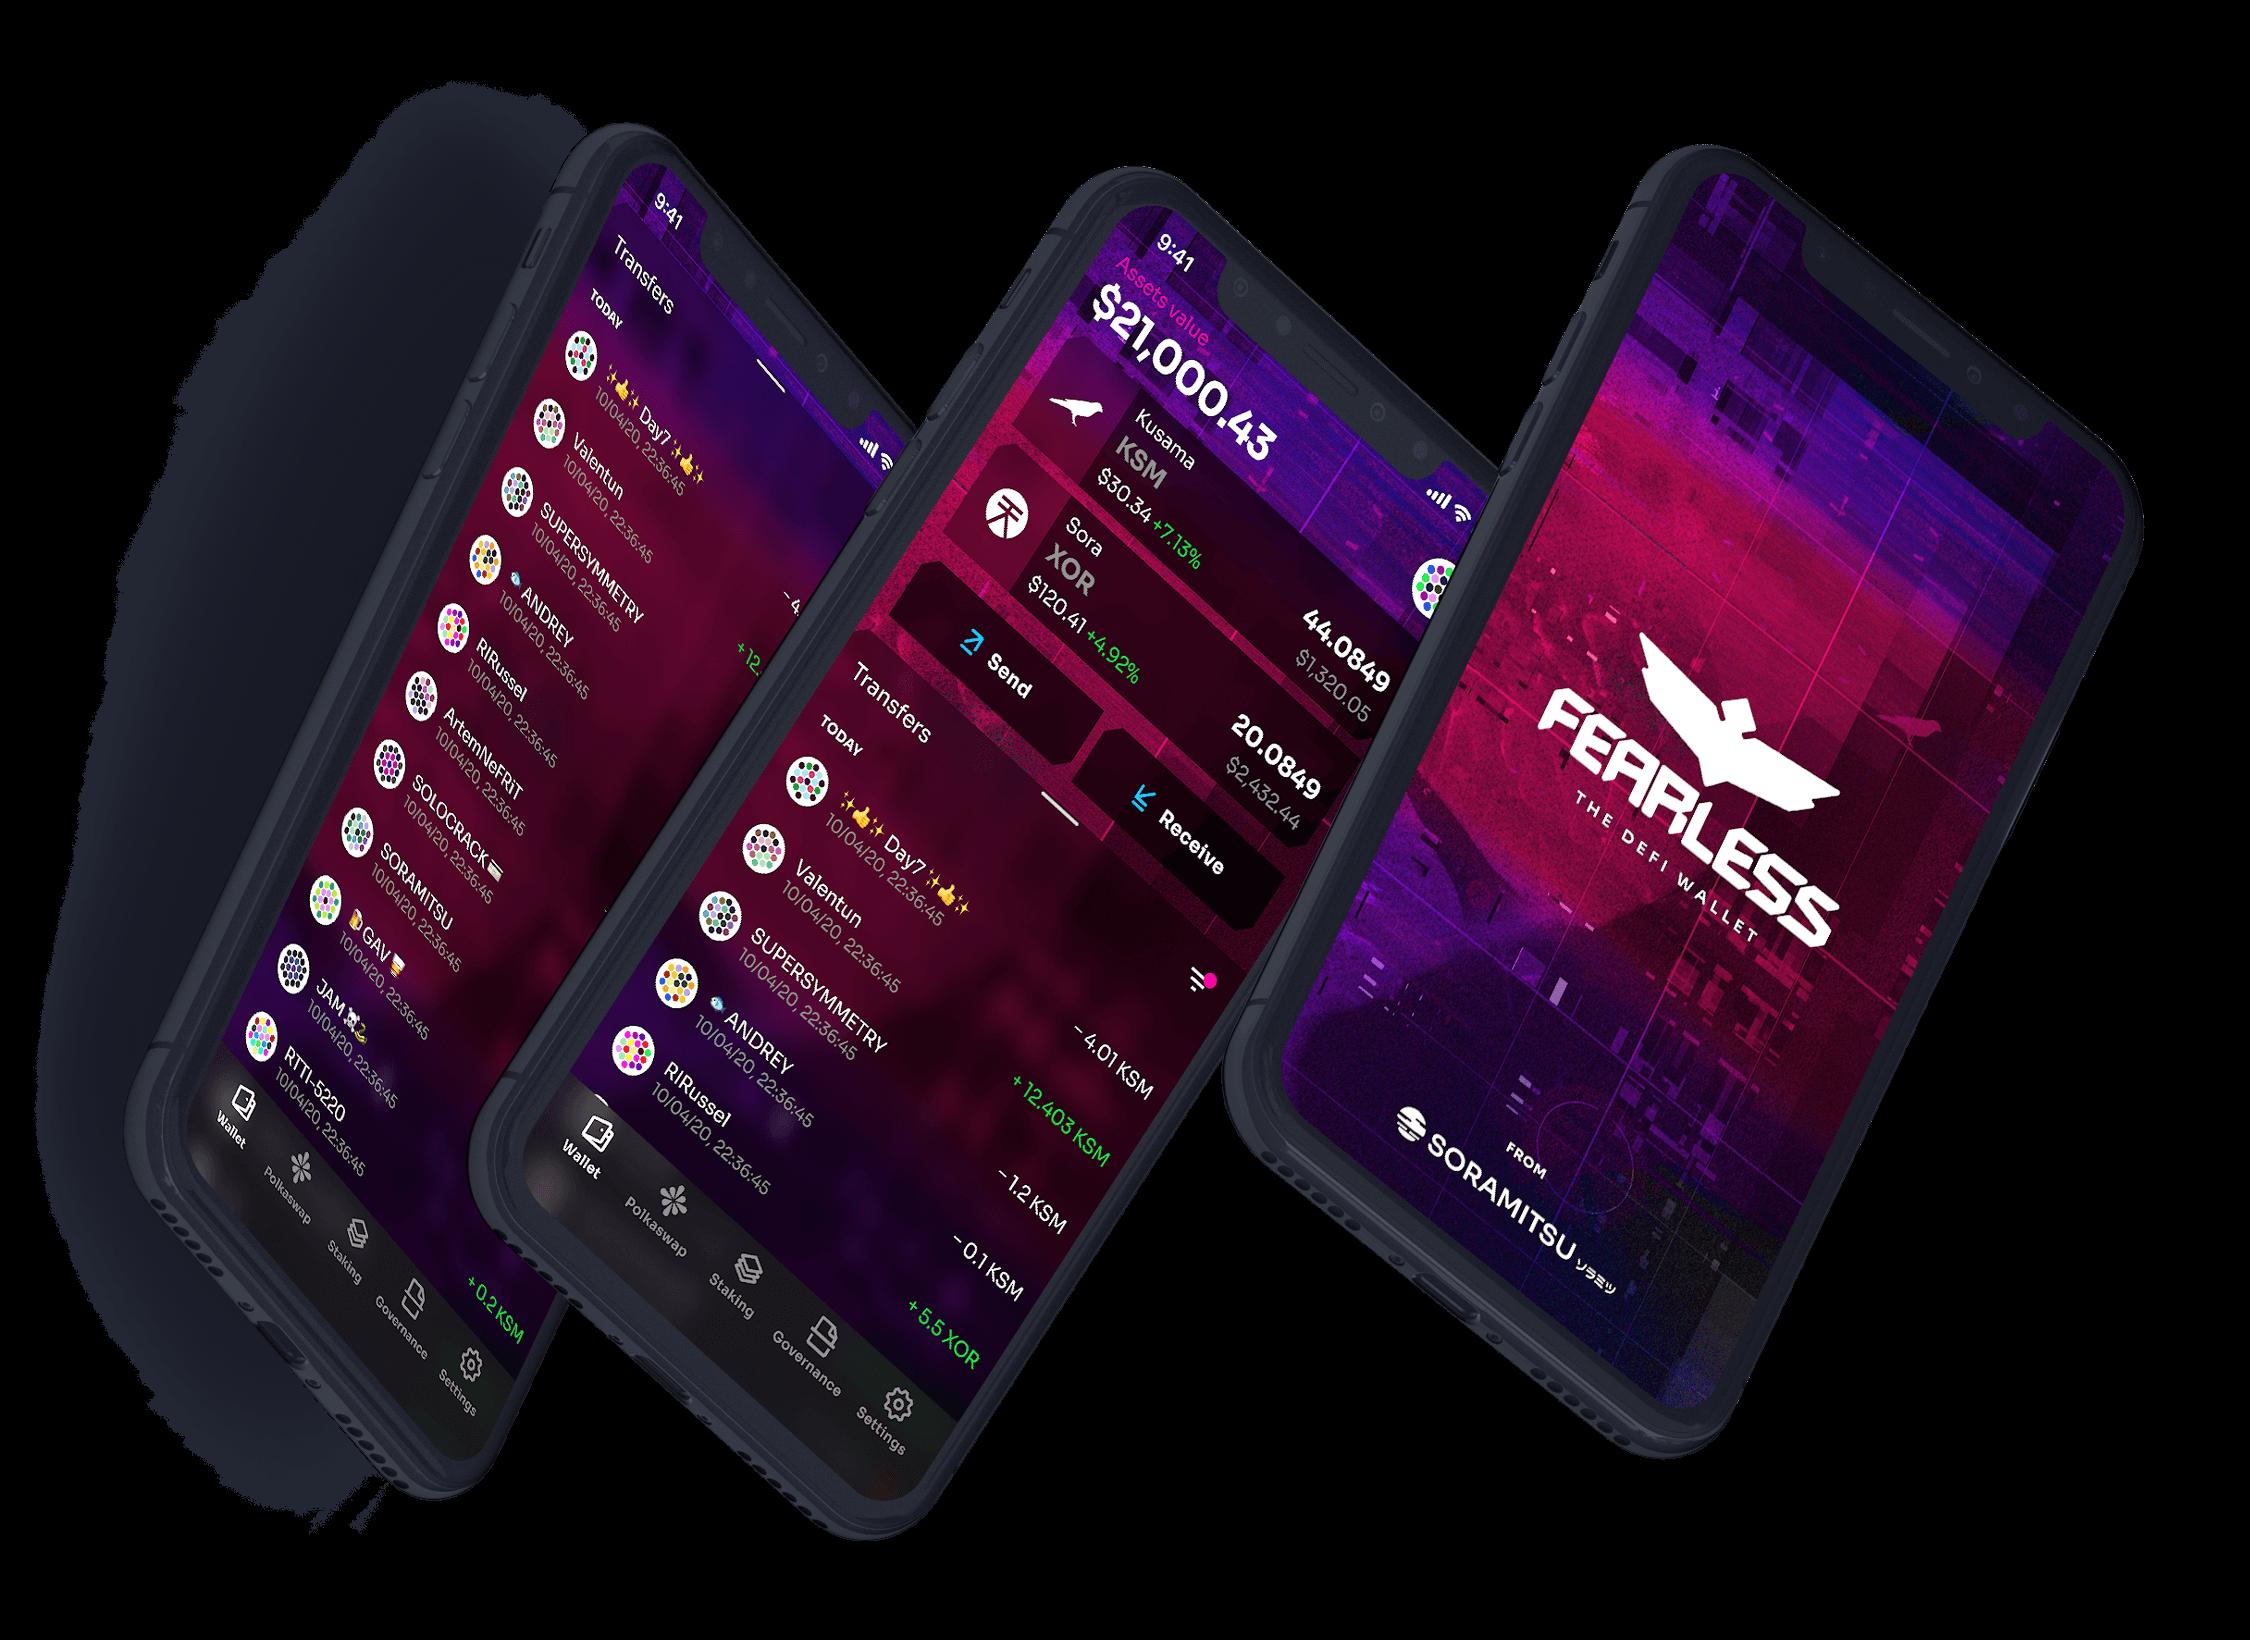 app_screens_new_upda